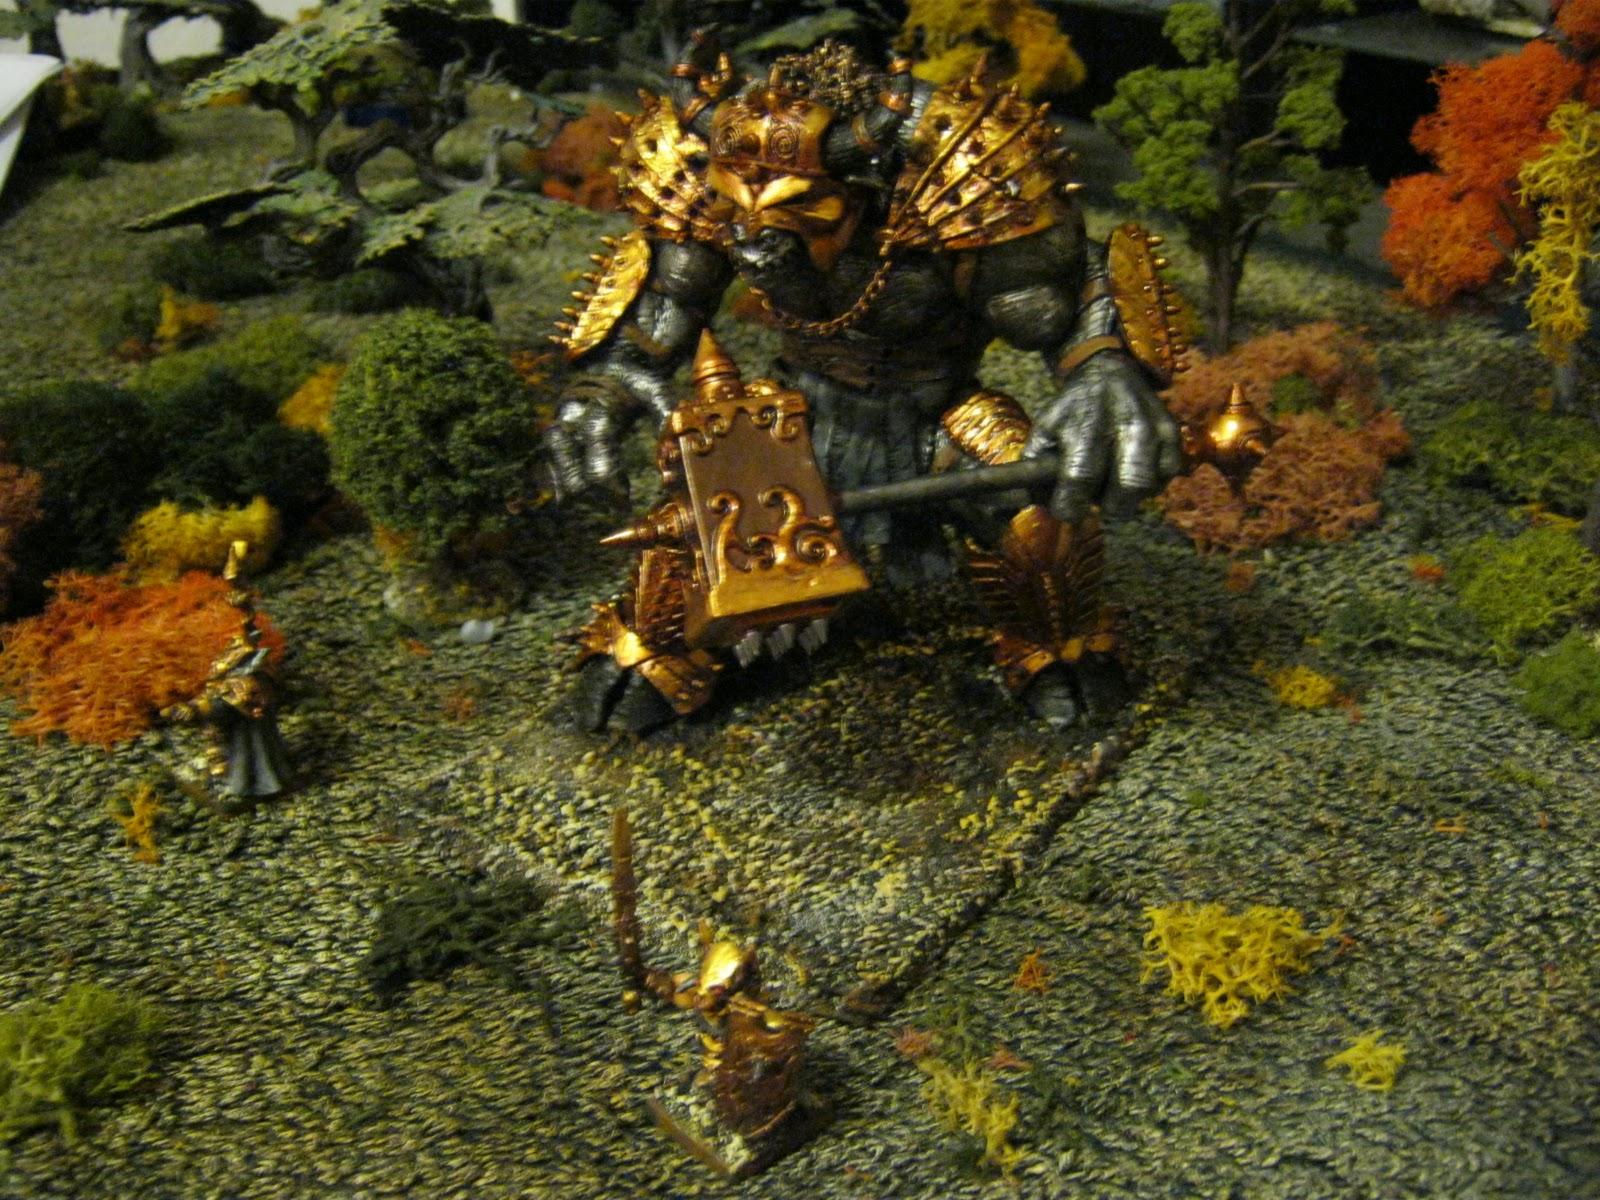 The Last Chance War: My Chaos Dwarf K'Daai Destroyer